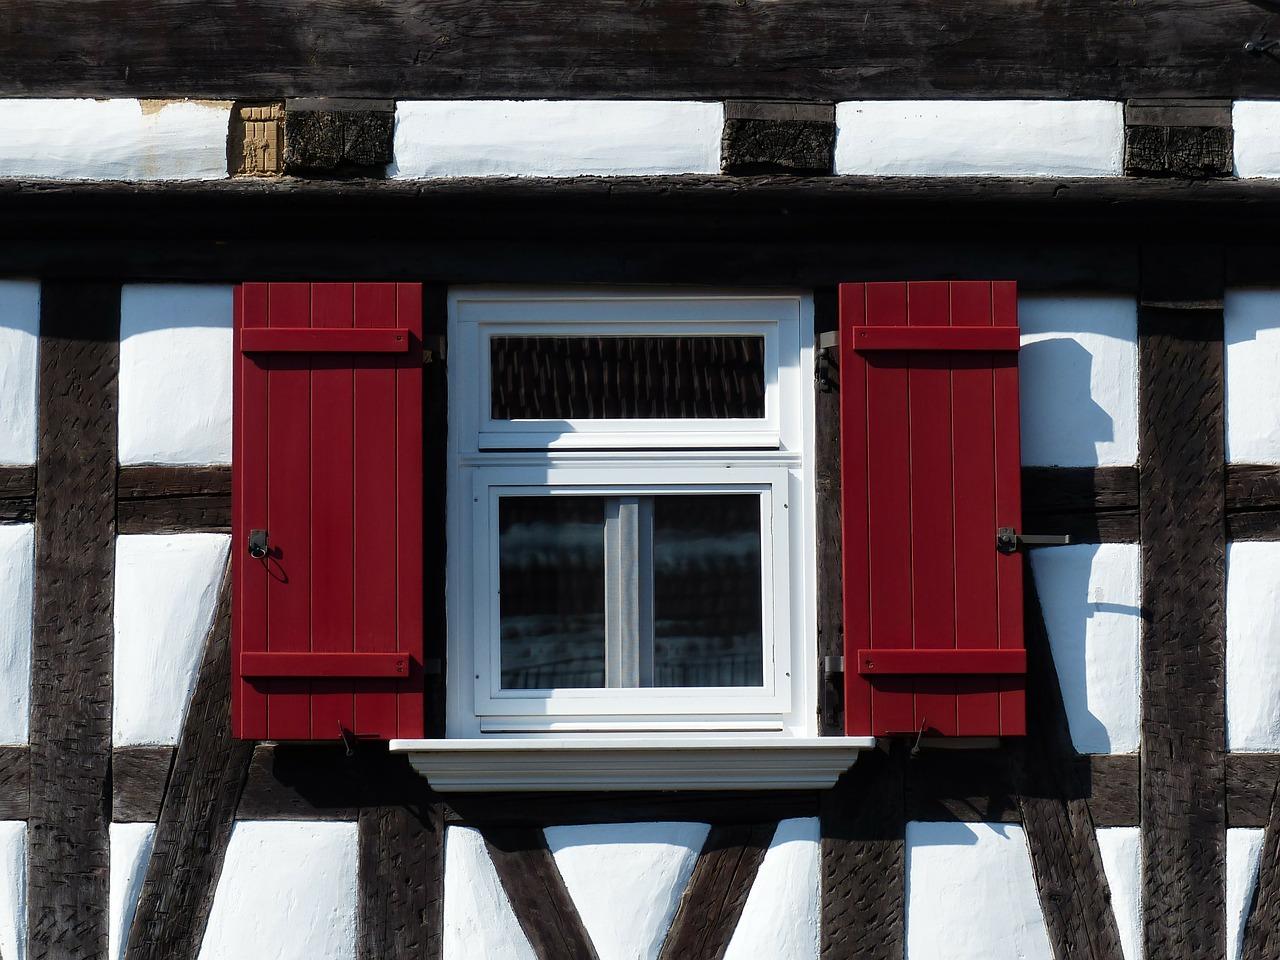 Pour passer l'hiver au chaud, pensez à isoler vos fenêtres